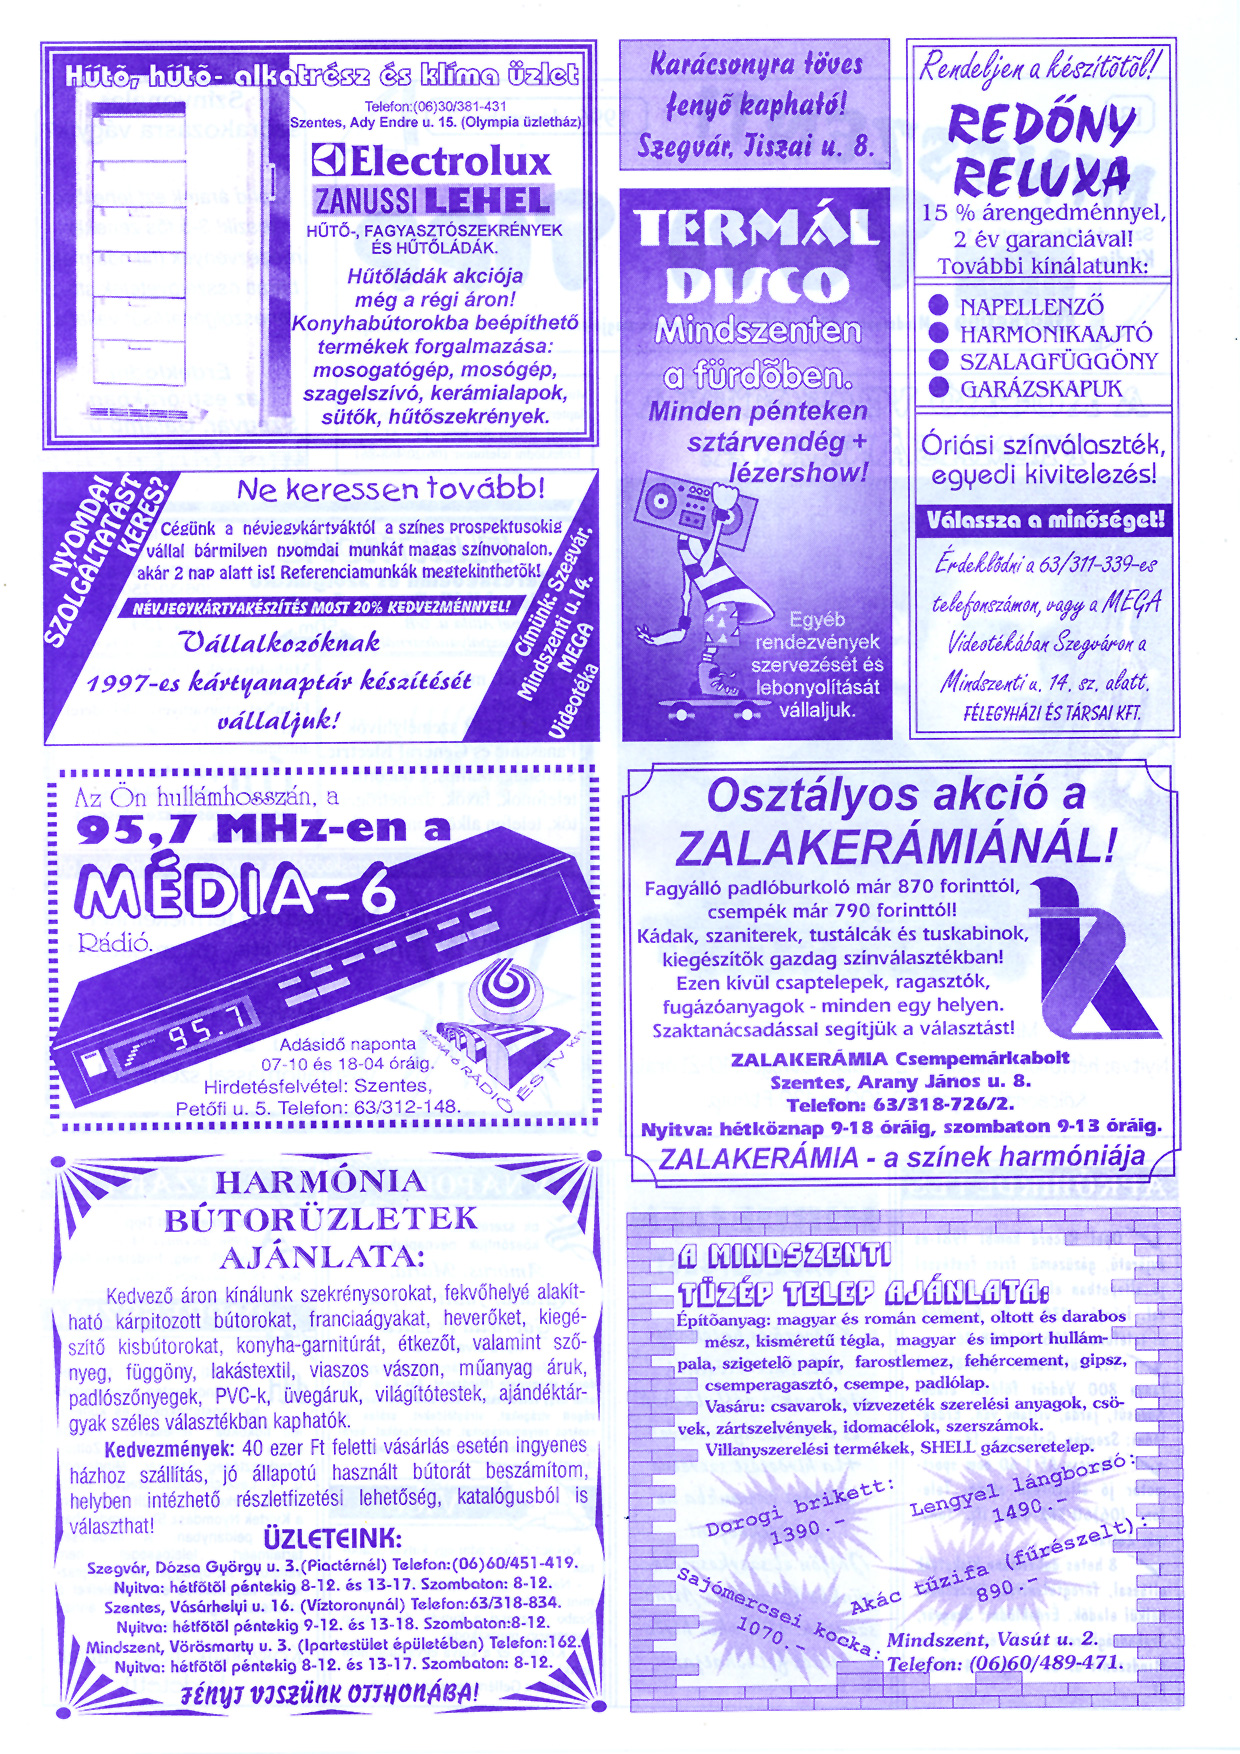 082 Mindszenti Tuti Tipp reklámújság - 19961207-013. lapszám - 2.oldal - II. évfolyam.jpg